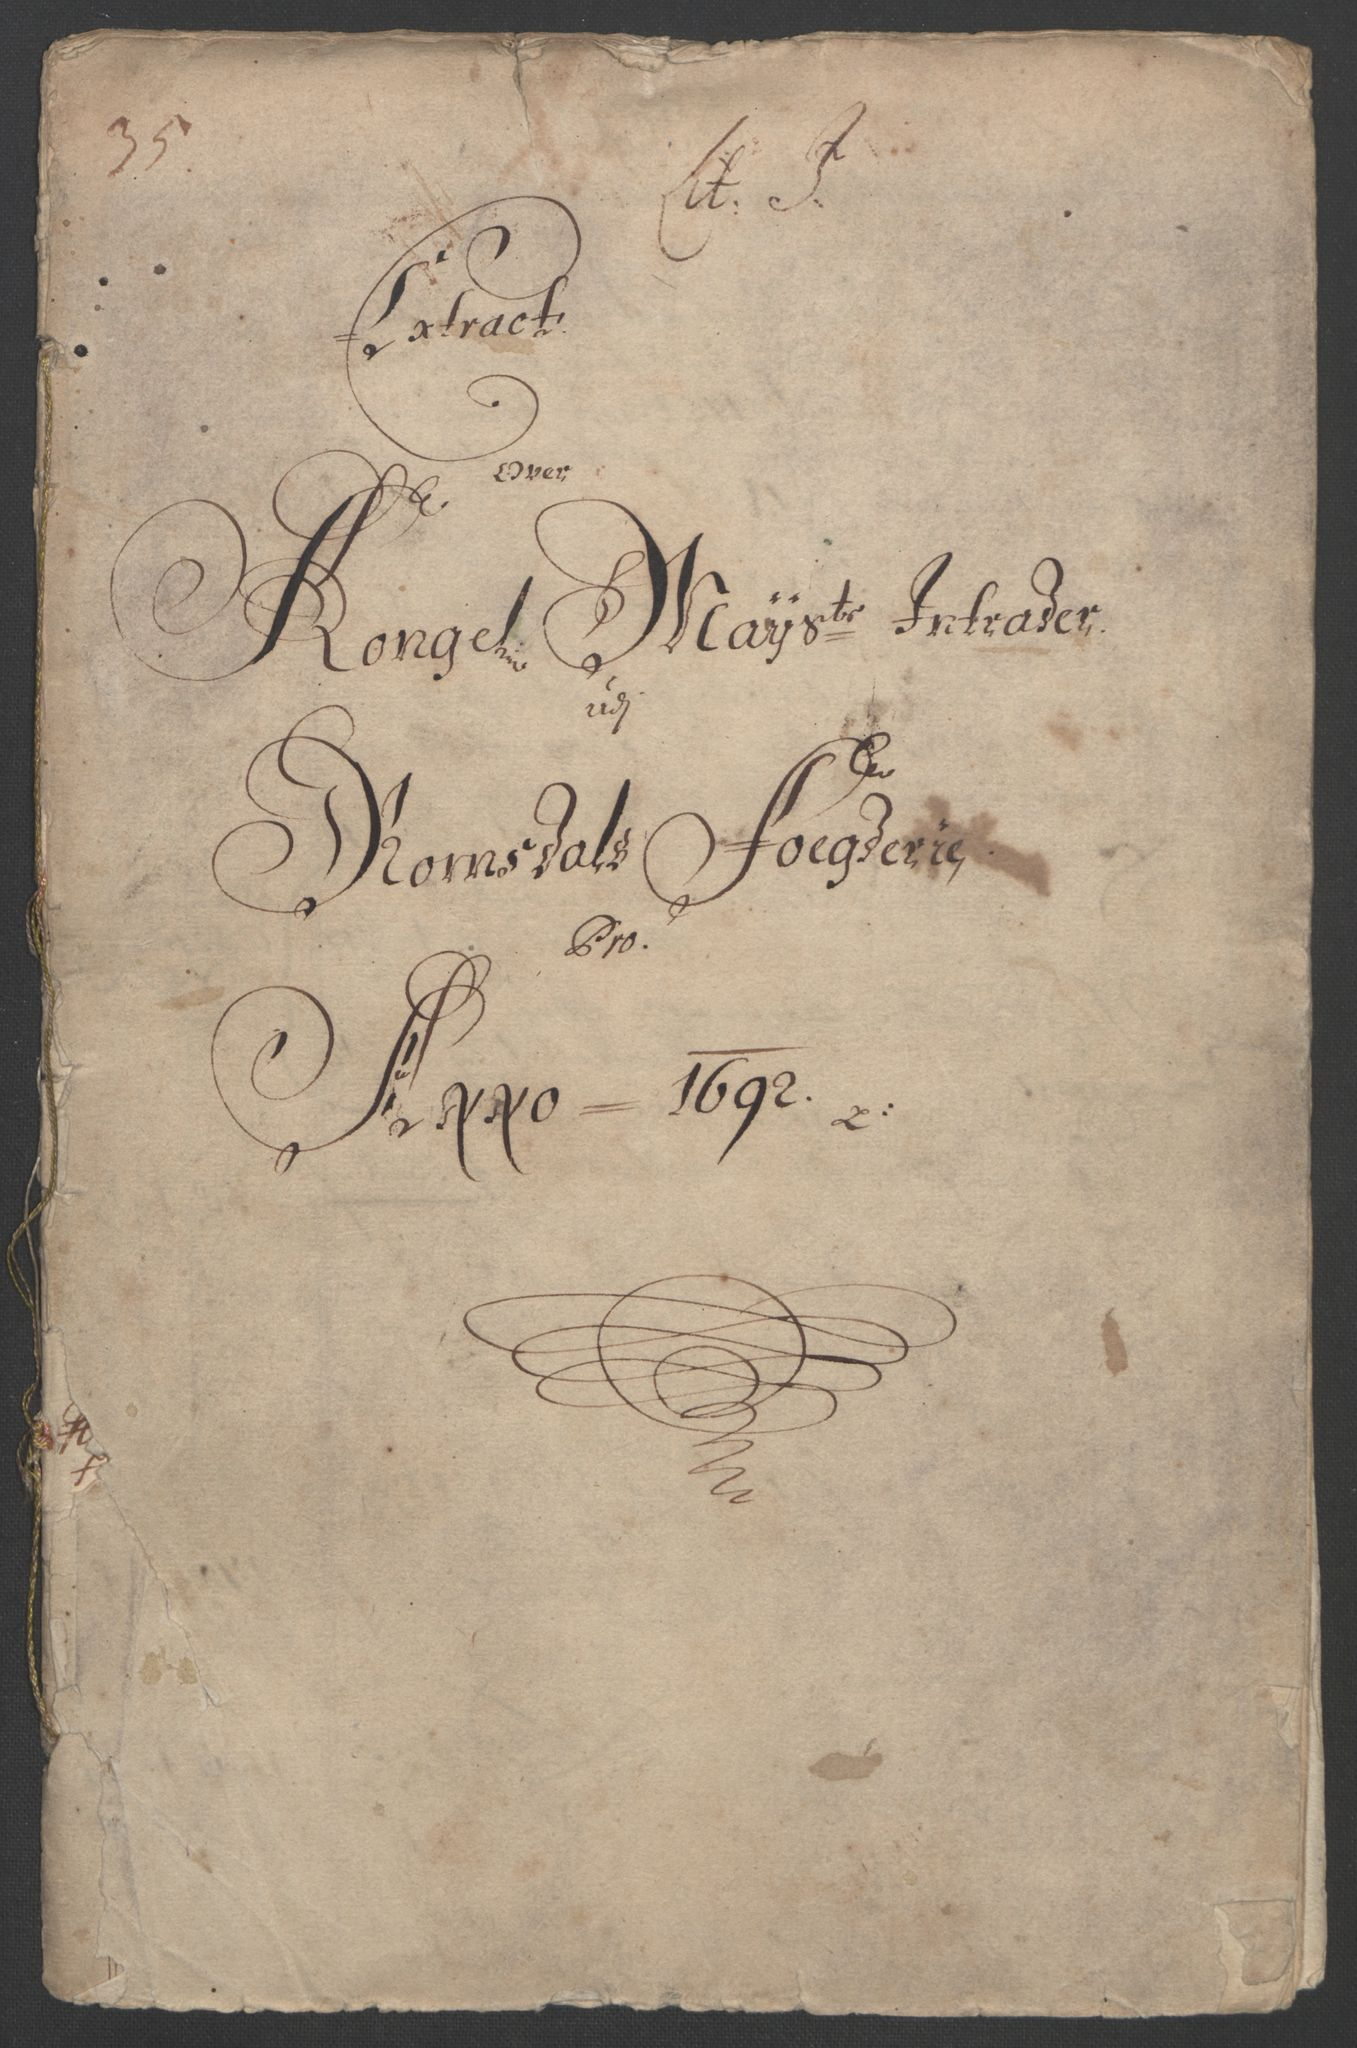 RA, Rentekammeret inntil 1814, Reviderte regnskaper, Fogderegnskap, R55/L3650: Fogderegnskap Romsdal, 1692, s. 3